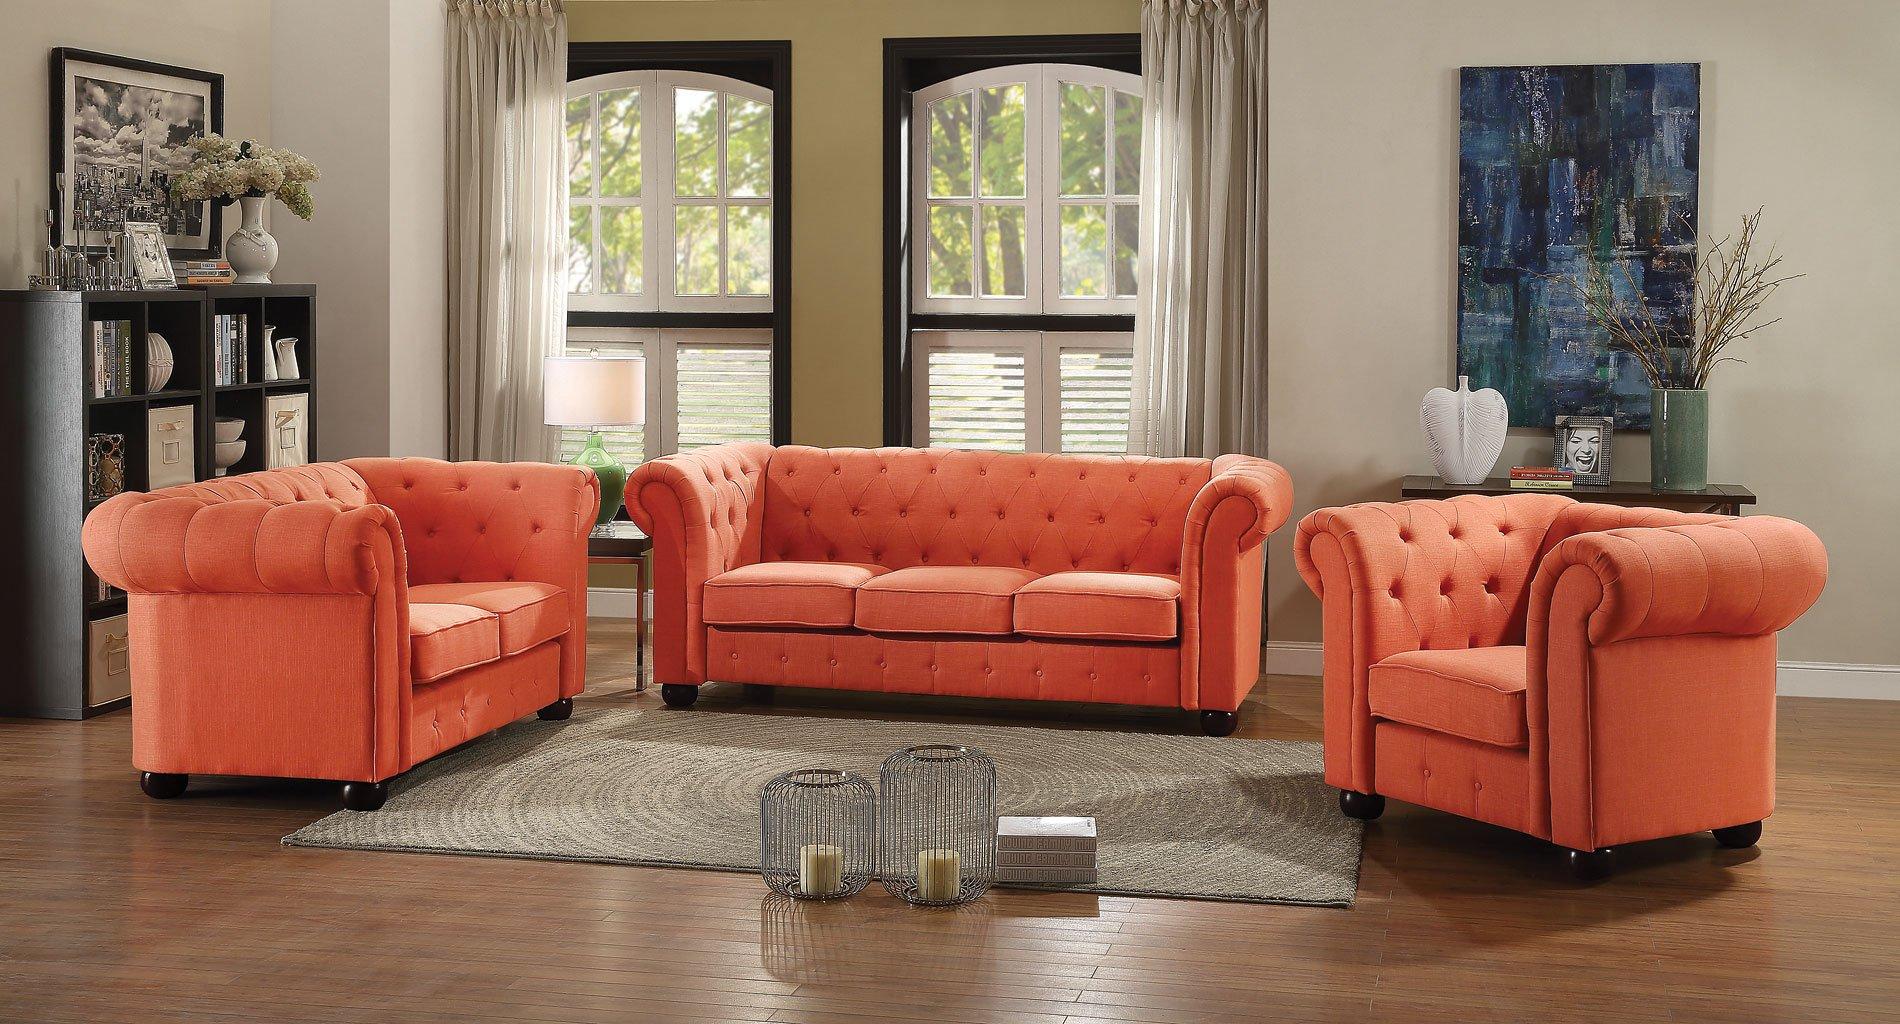 G520 tufted living room set orange